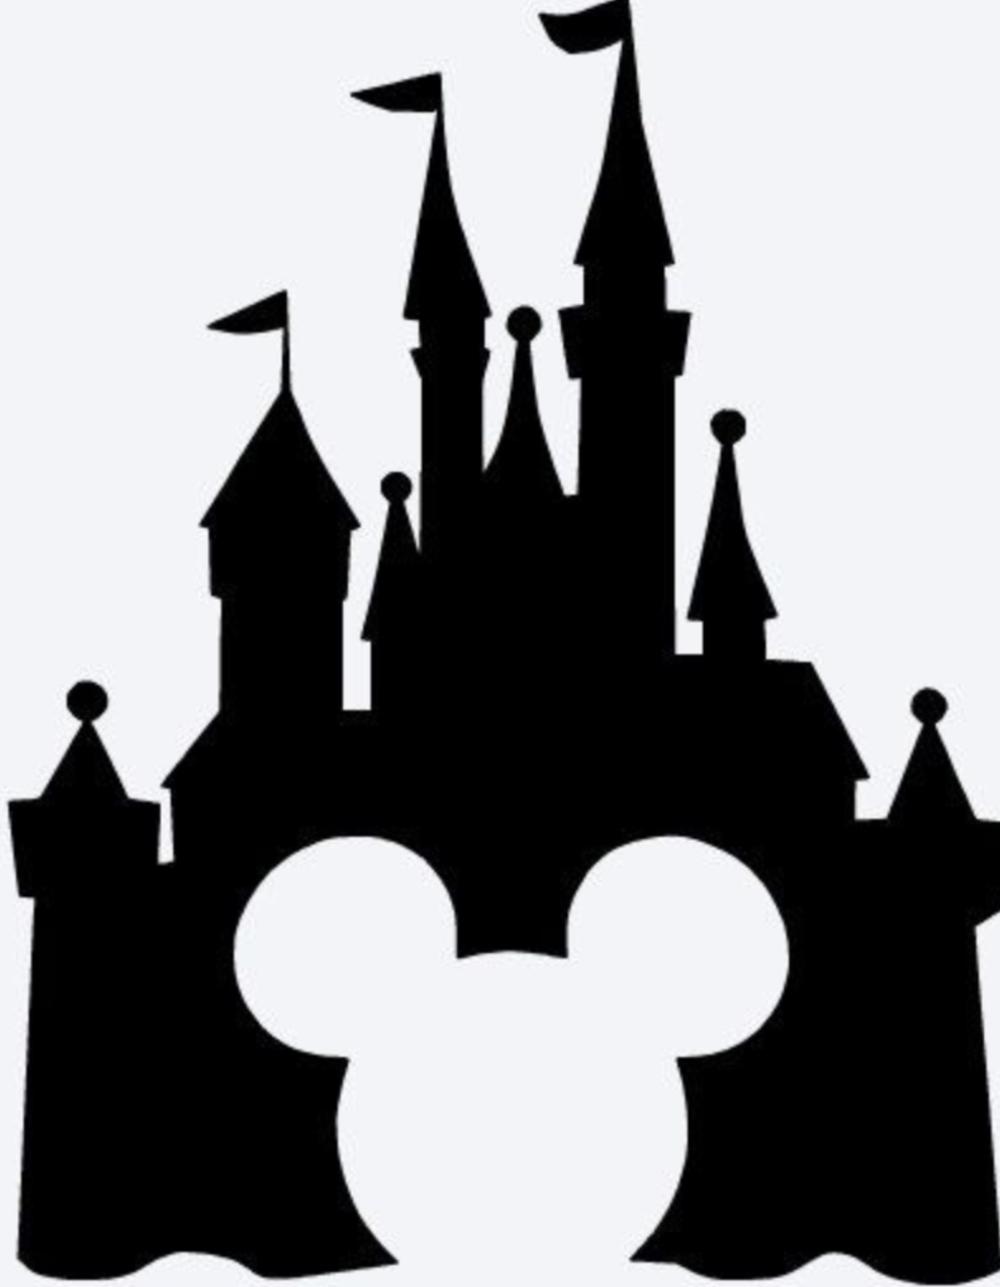 Disney Castle Silhouette Free Download Best Disney Castle Silhouette On Clipartmag Com Disney Castle Silhouette Castle Silhouette Disney Silhouette Art